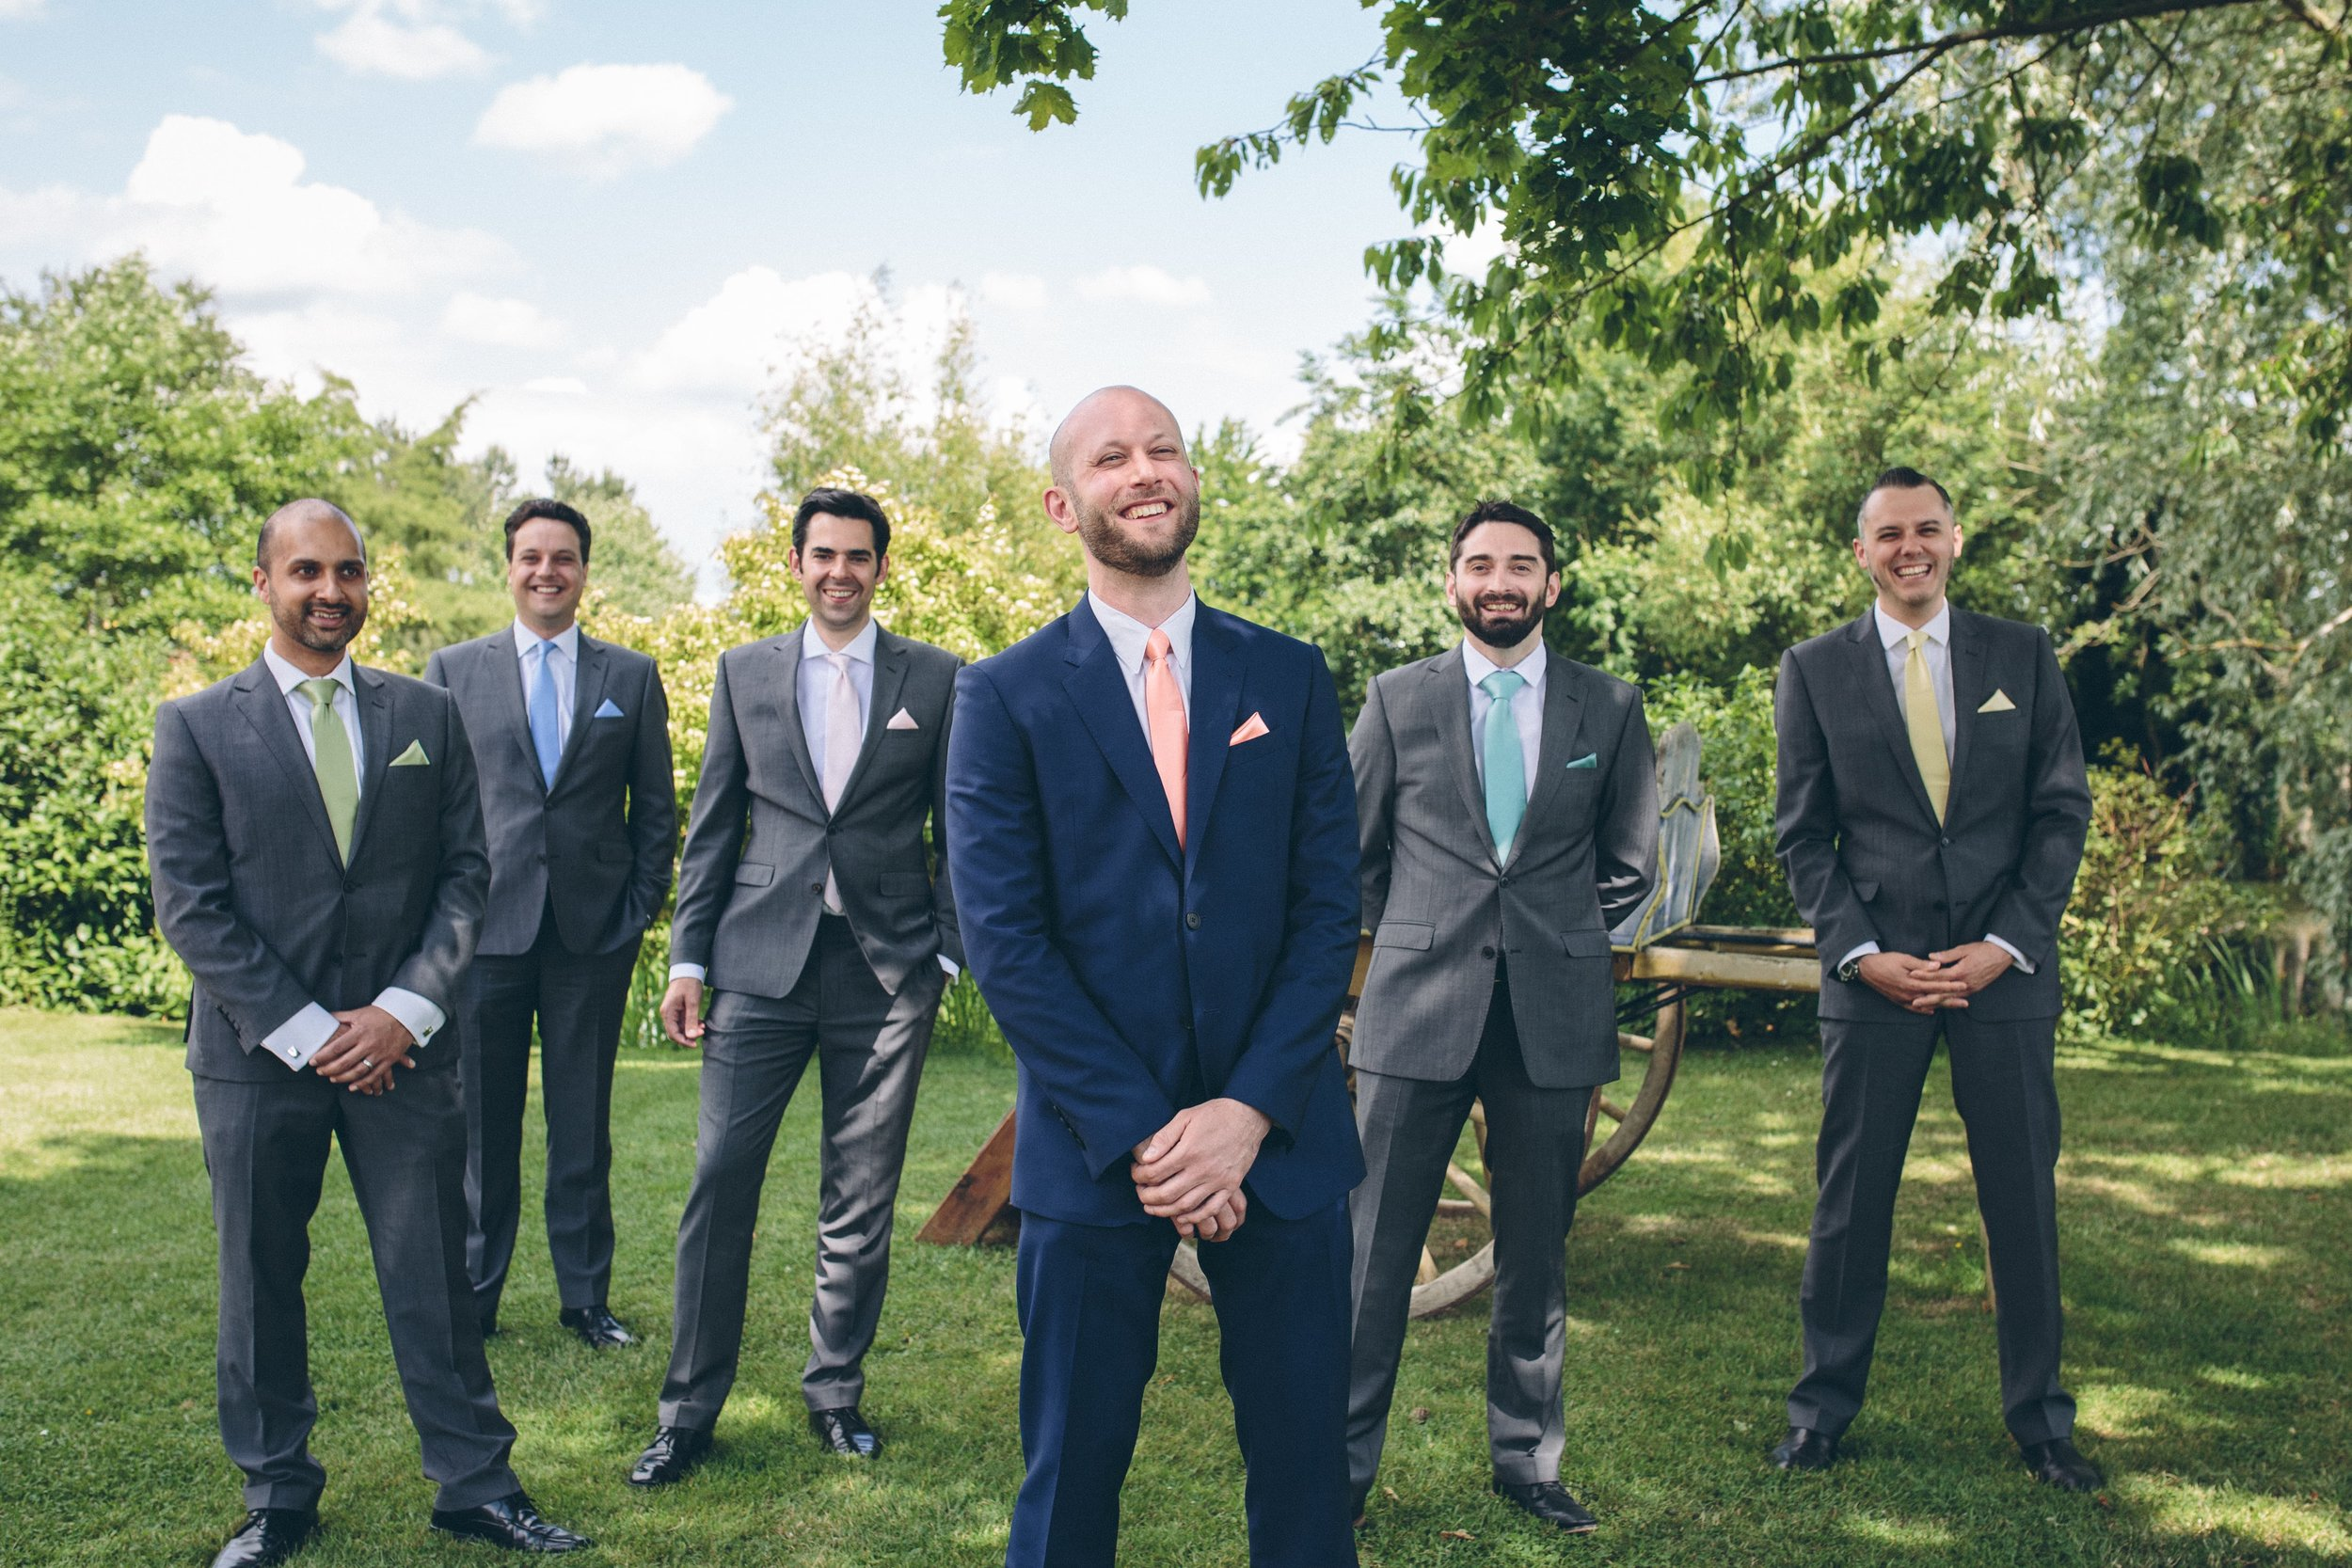 manoja_anthony_wedding-63-min.jpg